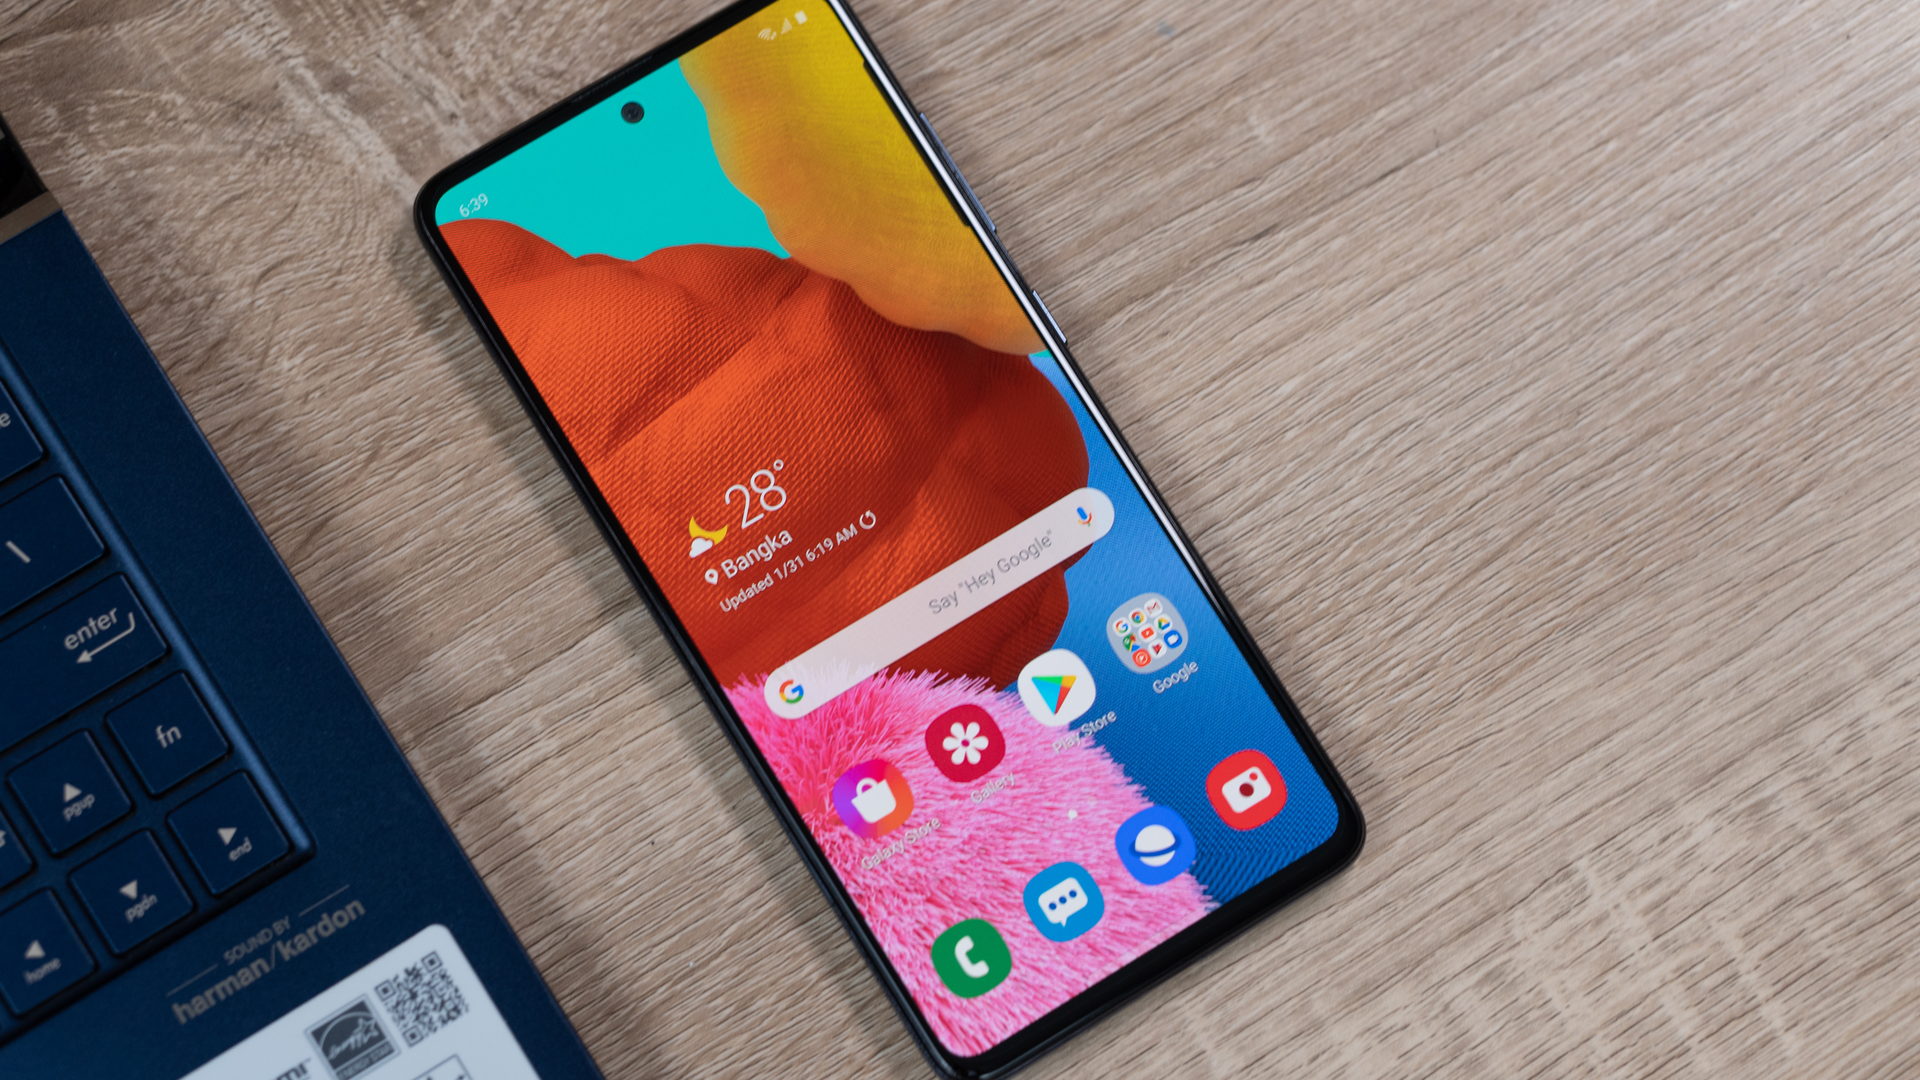 Um dos celulares mais vendidos no Zoom, o Galaxy A51 está na lista dos aparelhos que receberão atualizações. (Shutterstock/Lukmanazis)